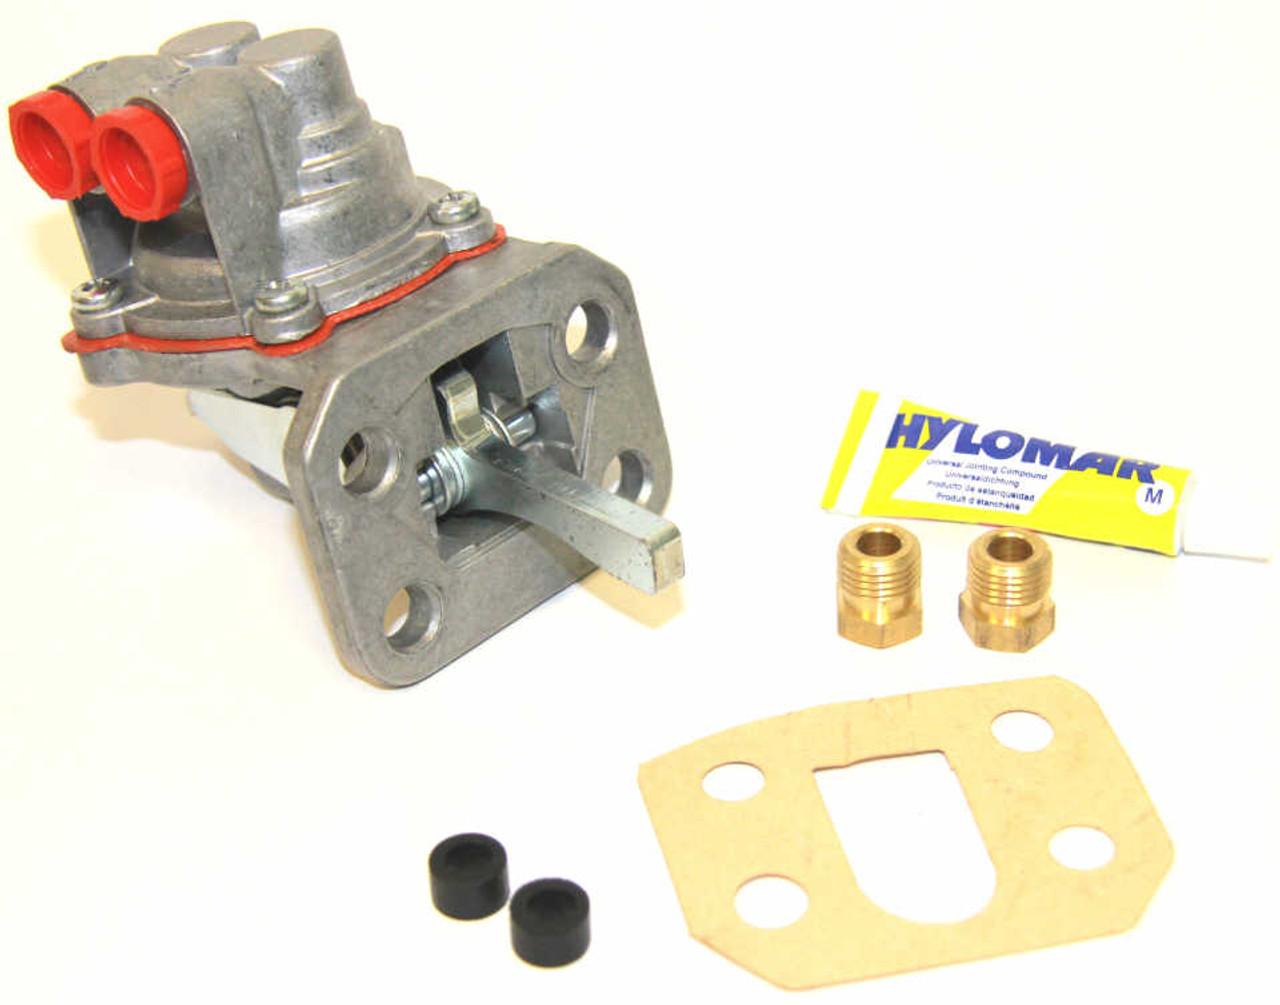 Perkins 4.108 fuel 4 bolt lift pump from Parts4Engines.com